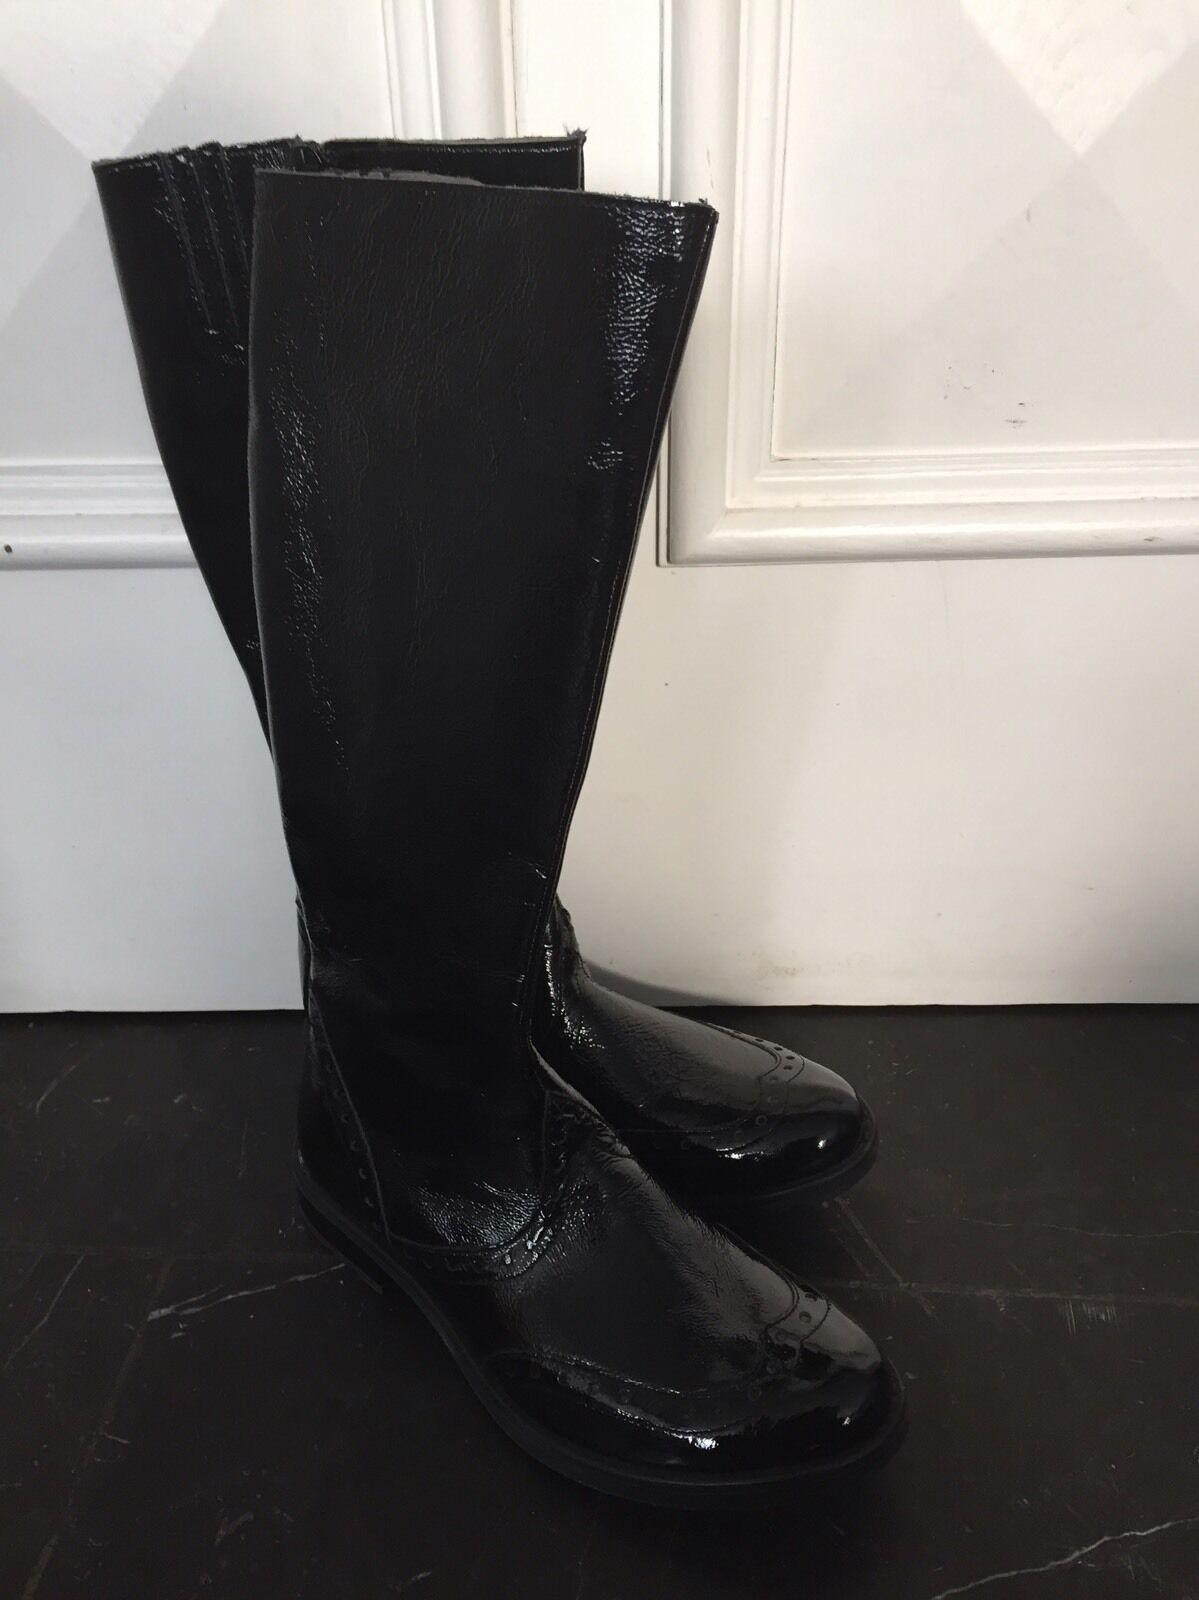 Mod8-Echtleder Stiefel-schwarz-Gr 36-neu Günstige und gute Schuhe